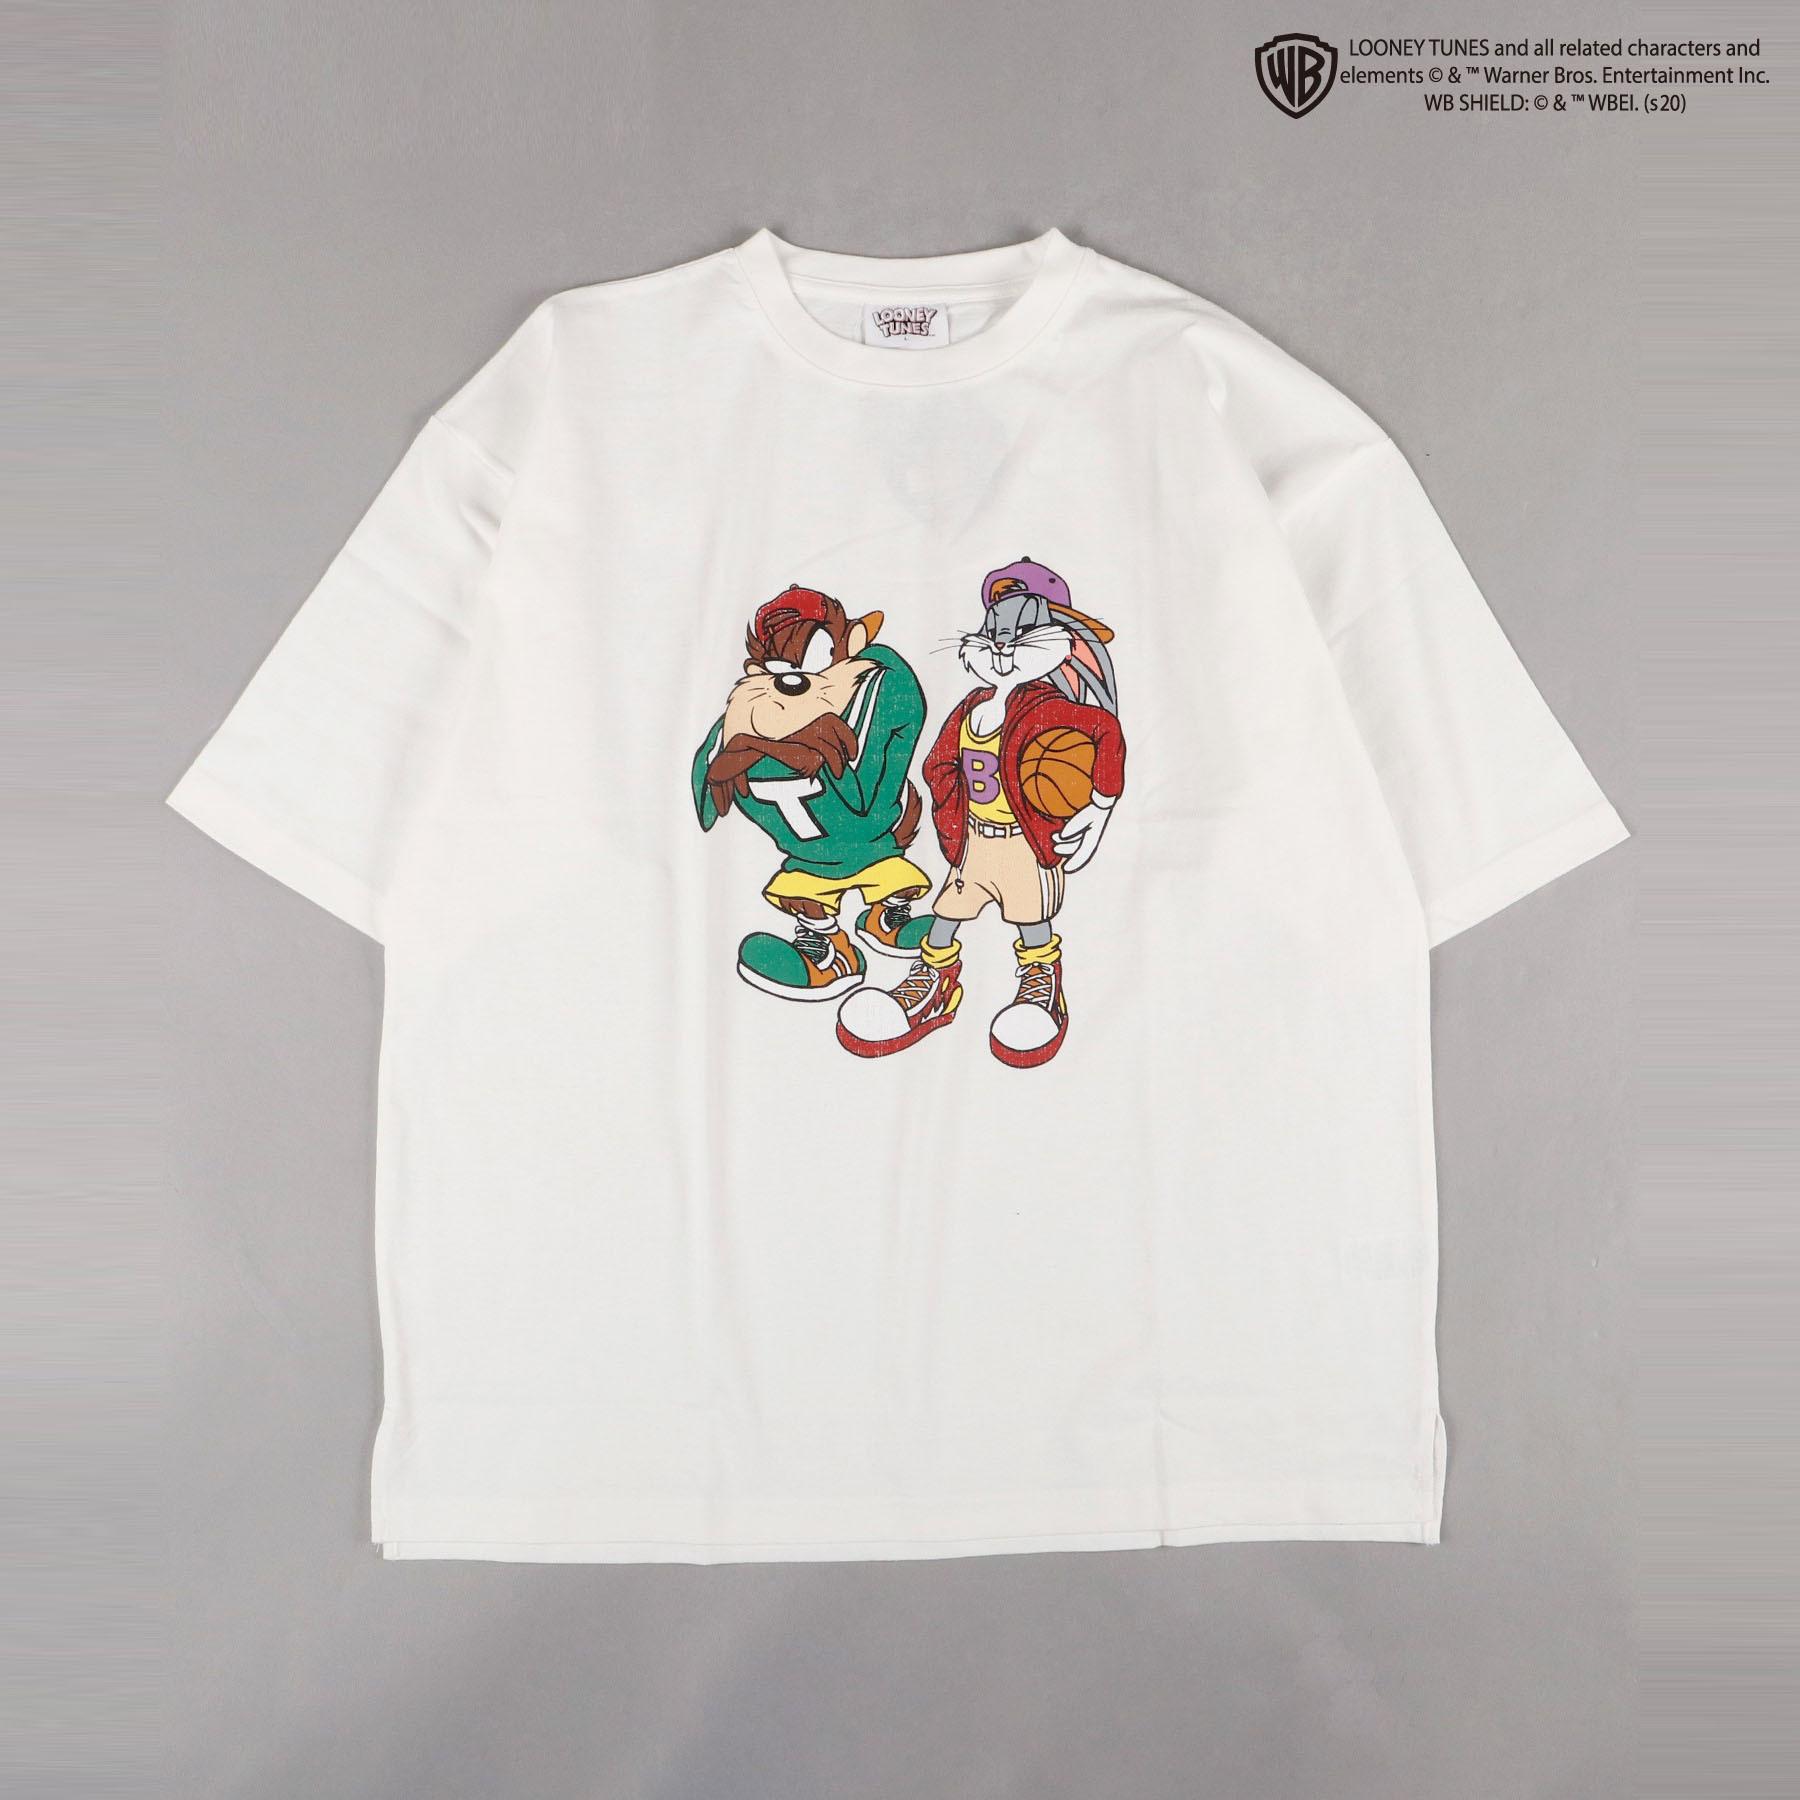 【ルーニーテューンズ】オーバーシルエット フロントプリント 半袖Tシャツ NO0530126